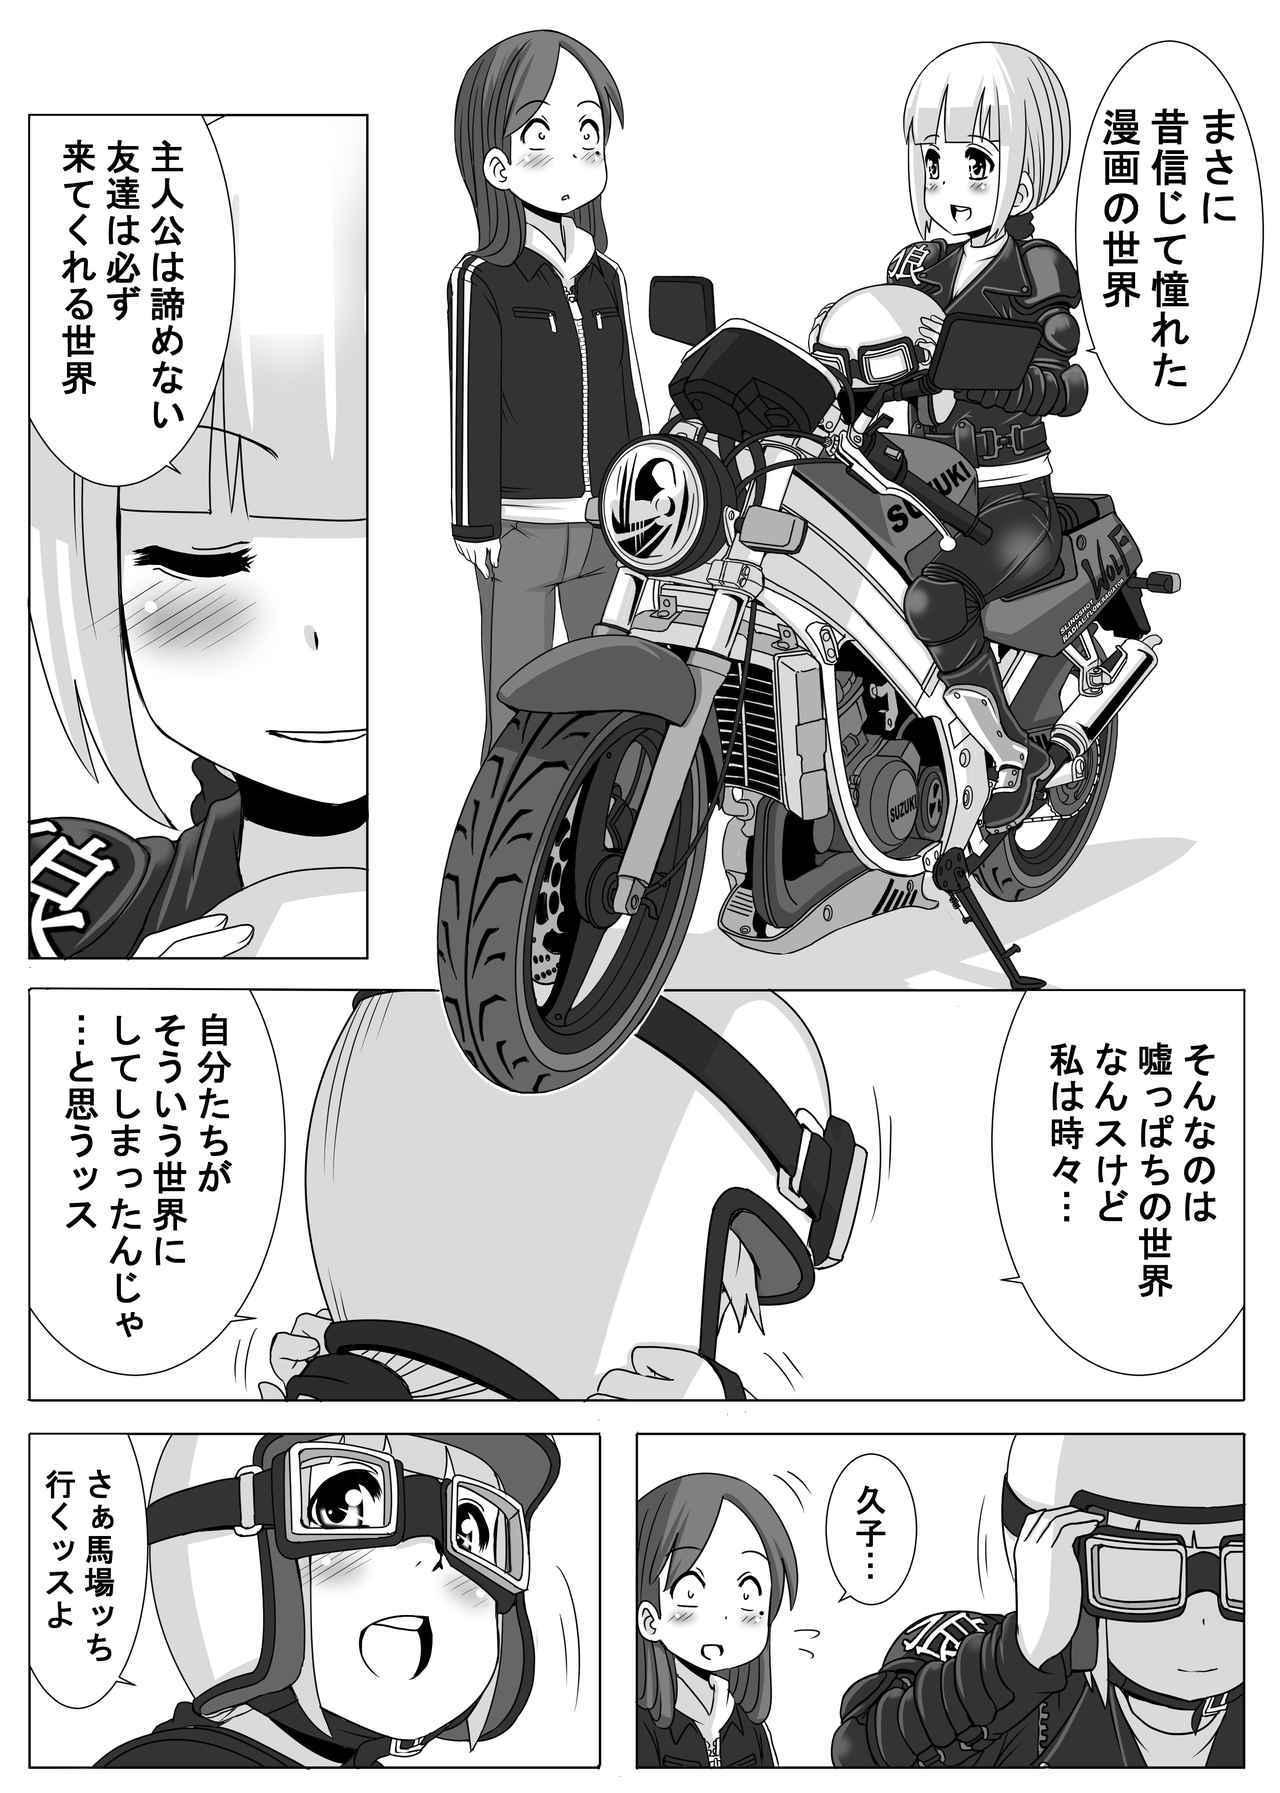 画像8: 【連載】馬場郁子がこよなくバイクを愛す理由(第十六話:漫画通りなワケ)作:鈴木秀吉